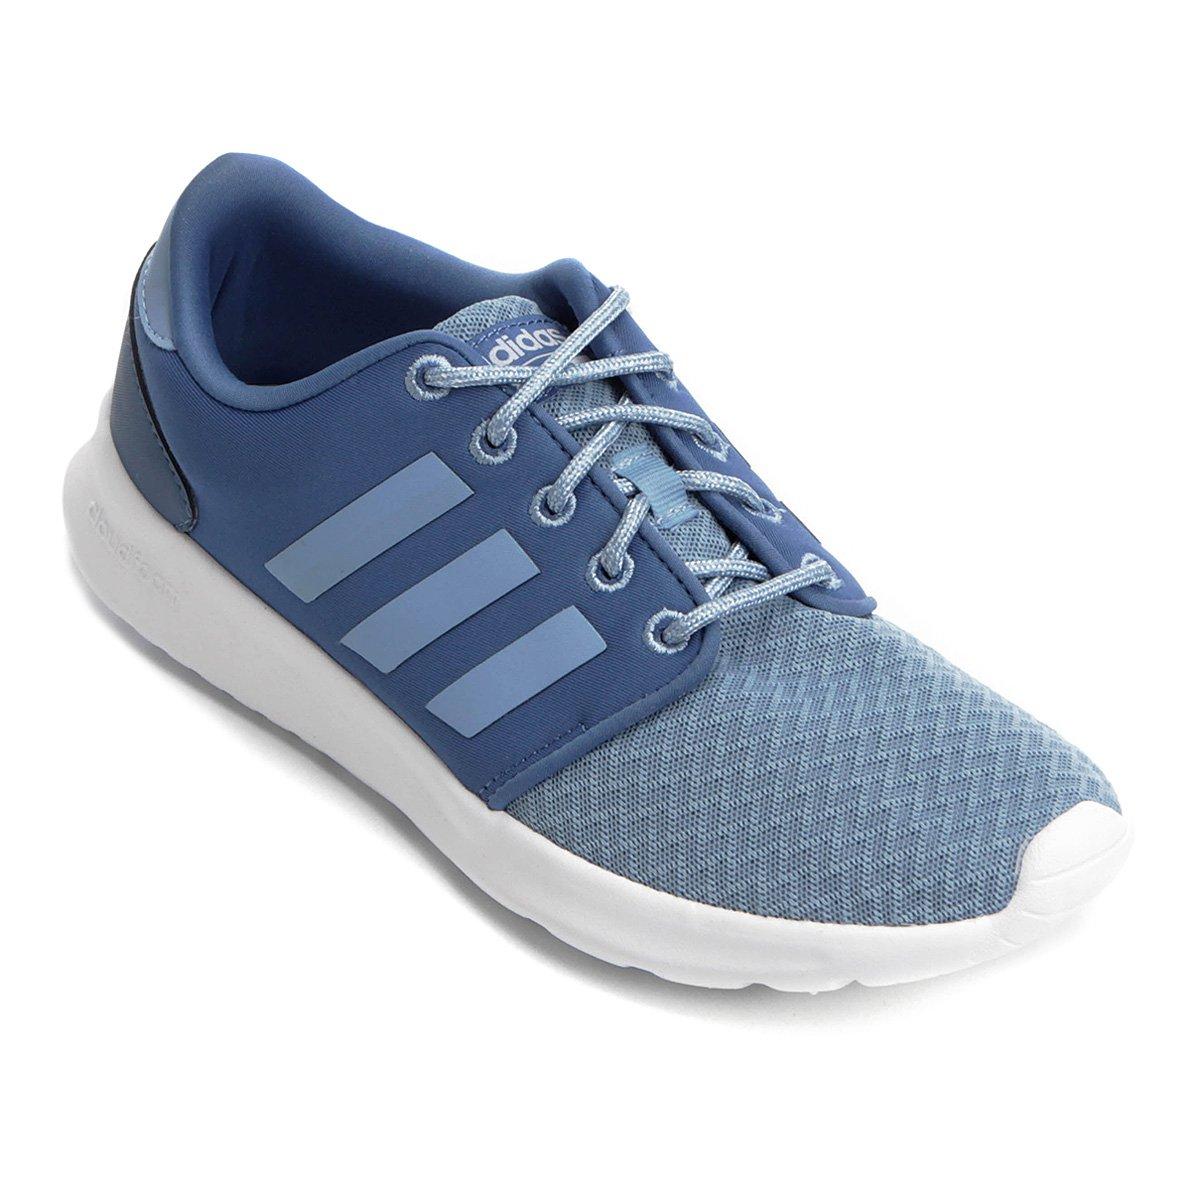 Tênis Adidas CF QT Racer Feminino - Azul - Compre Agora  216229286901e